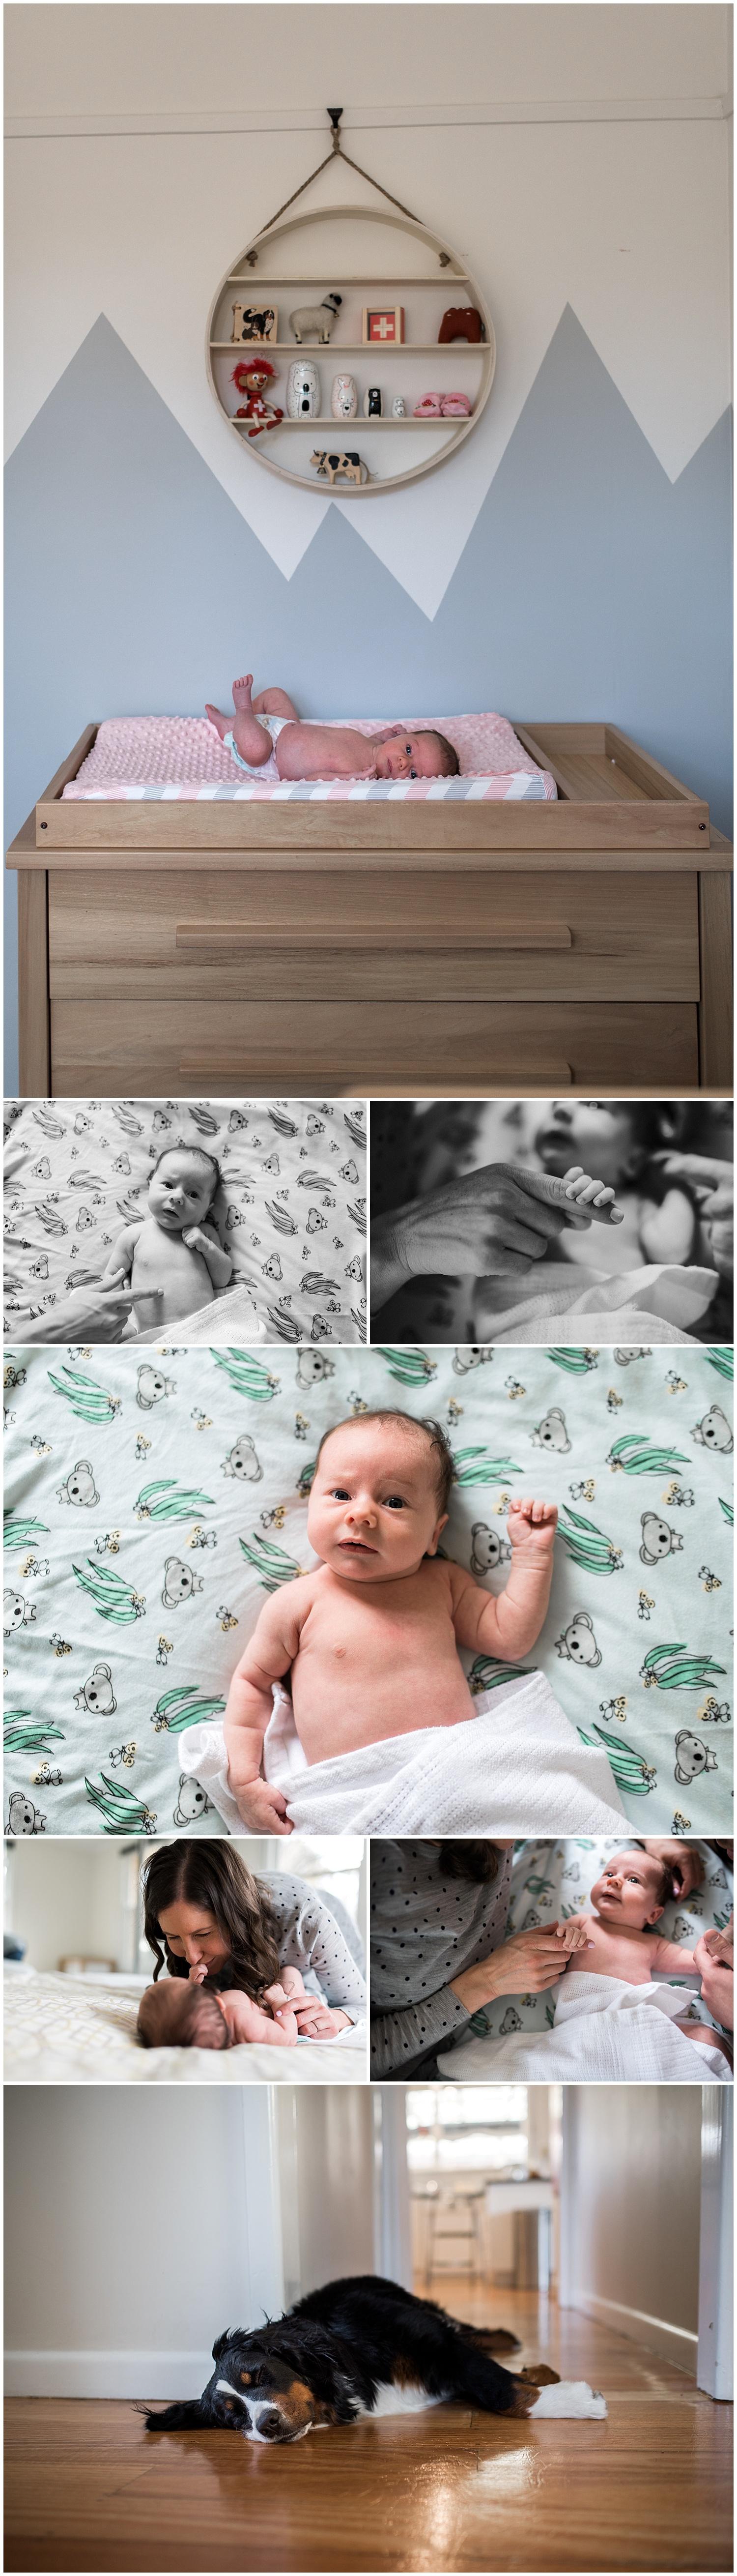 sandringham newborn photographer